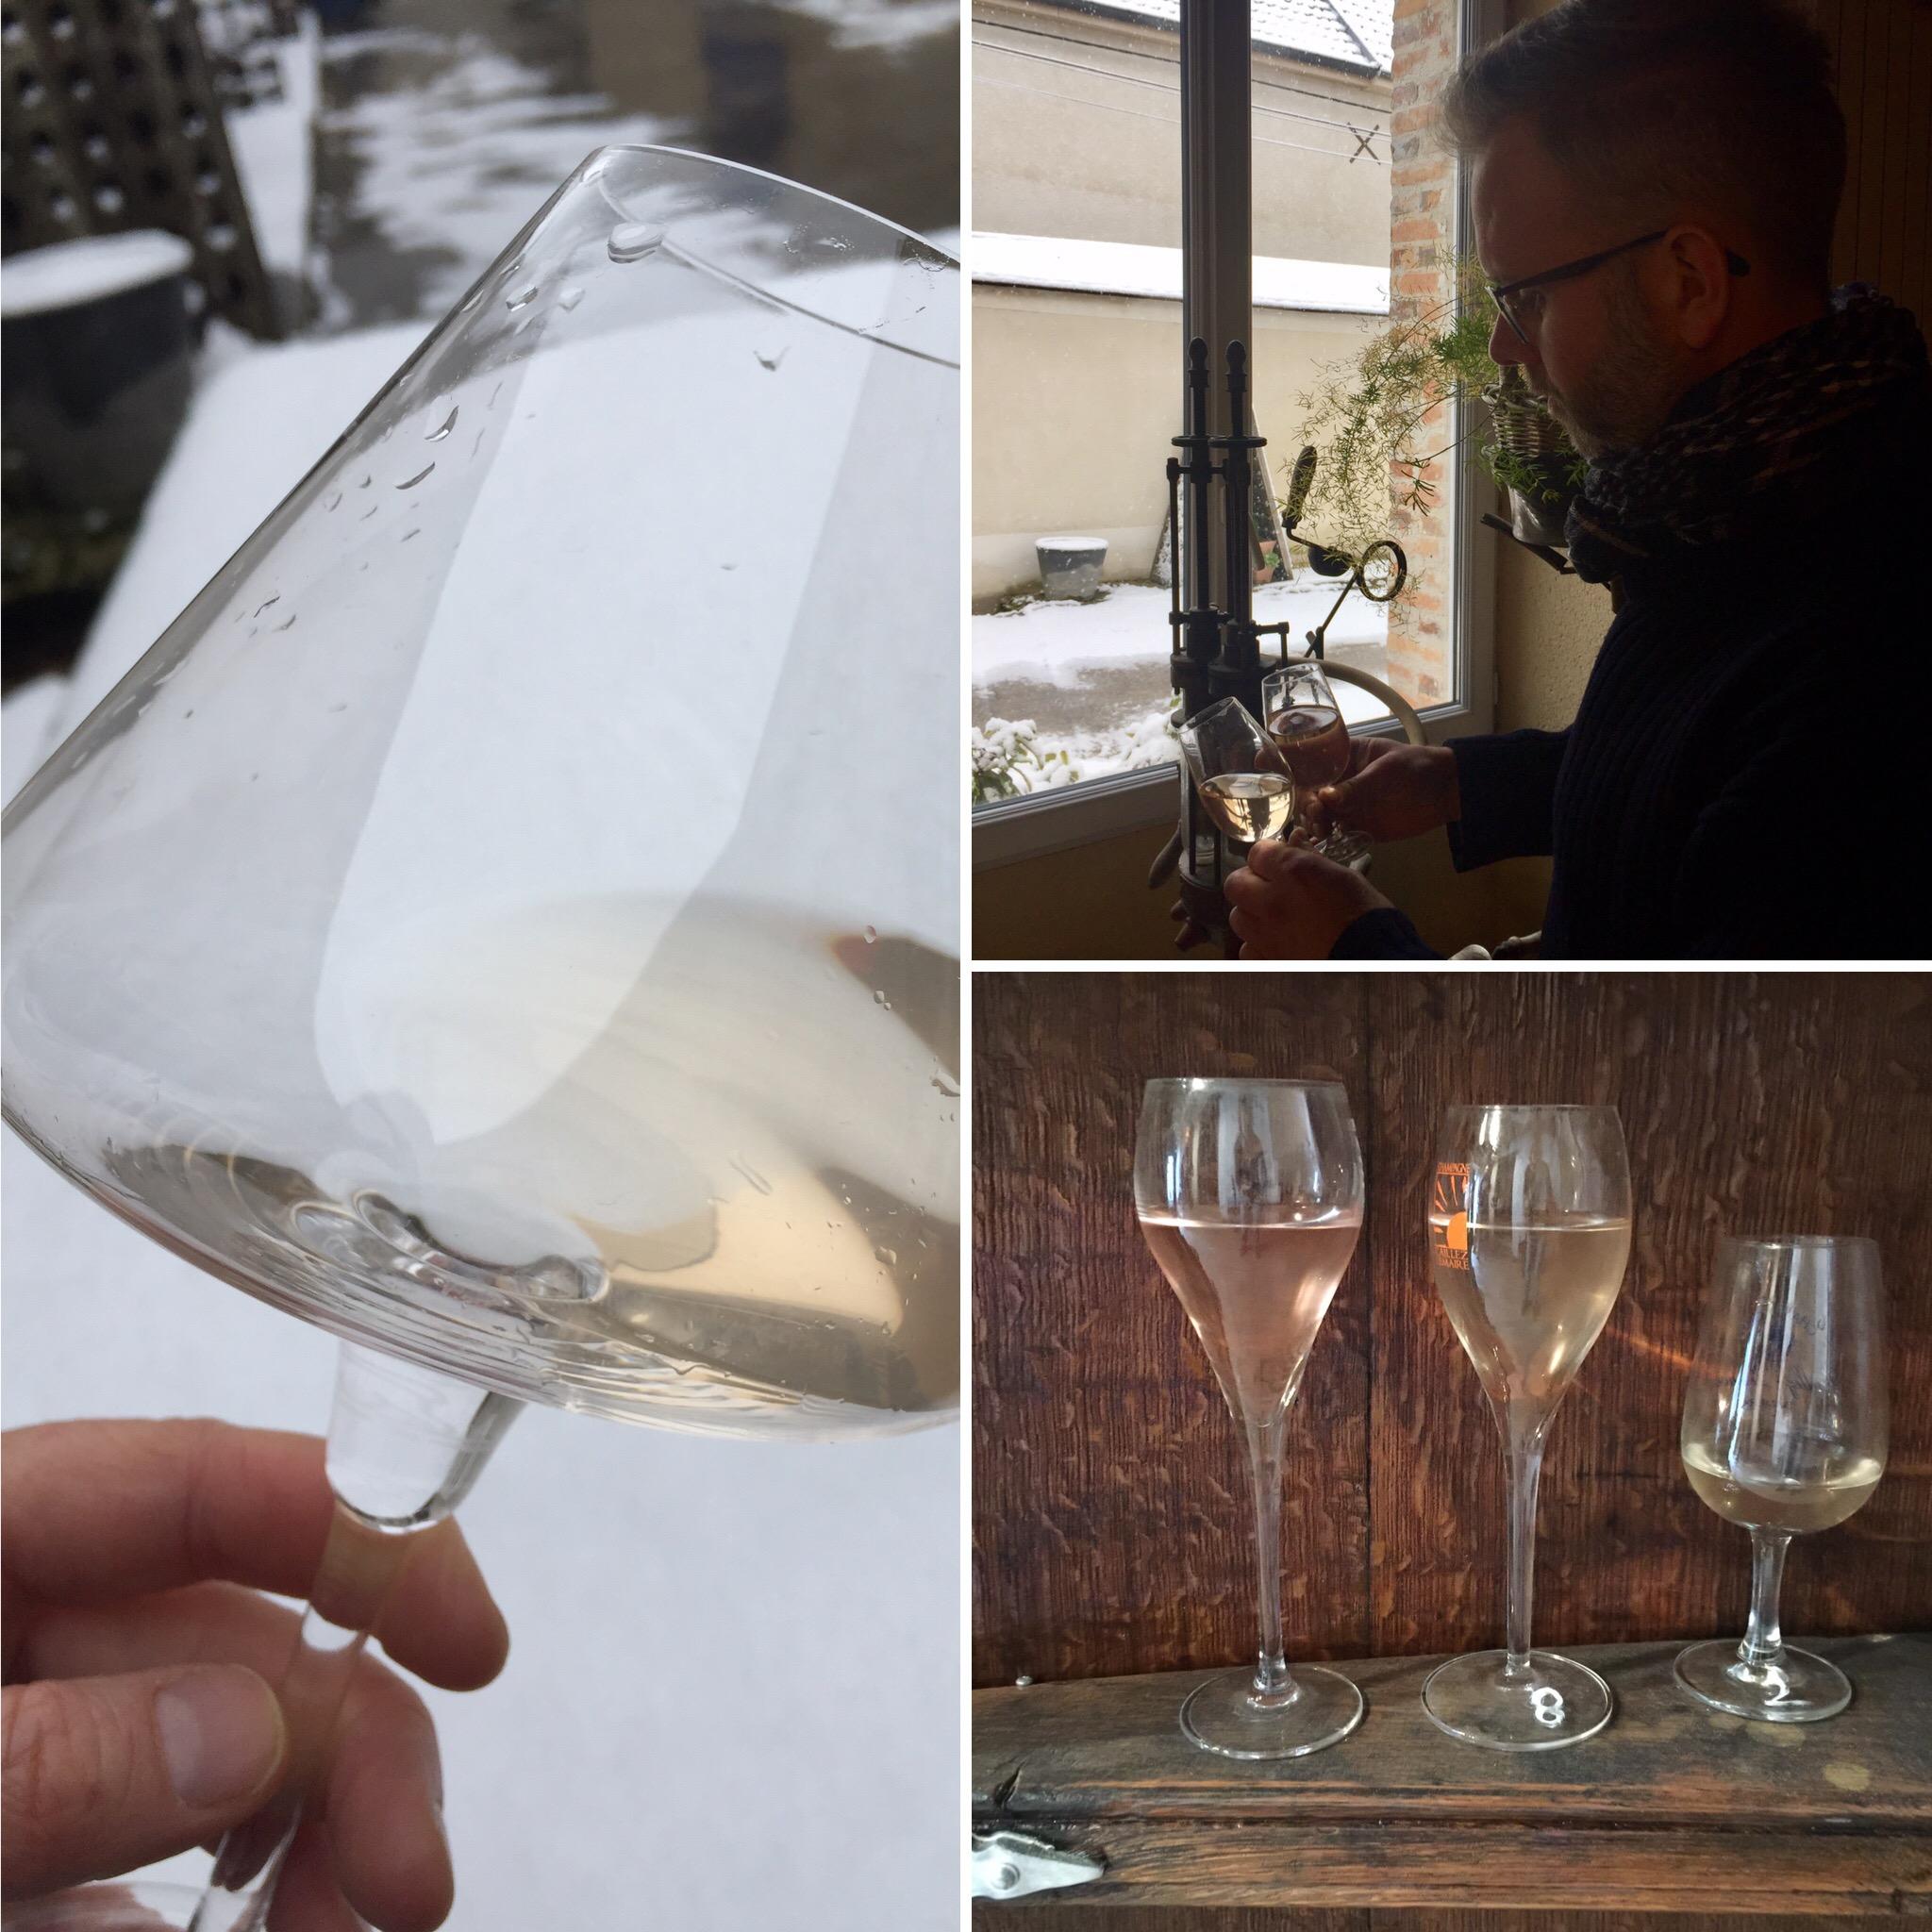 Vin clair 2017 pour assemblage Laurent Vanpoperinghe neige février 2018